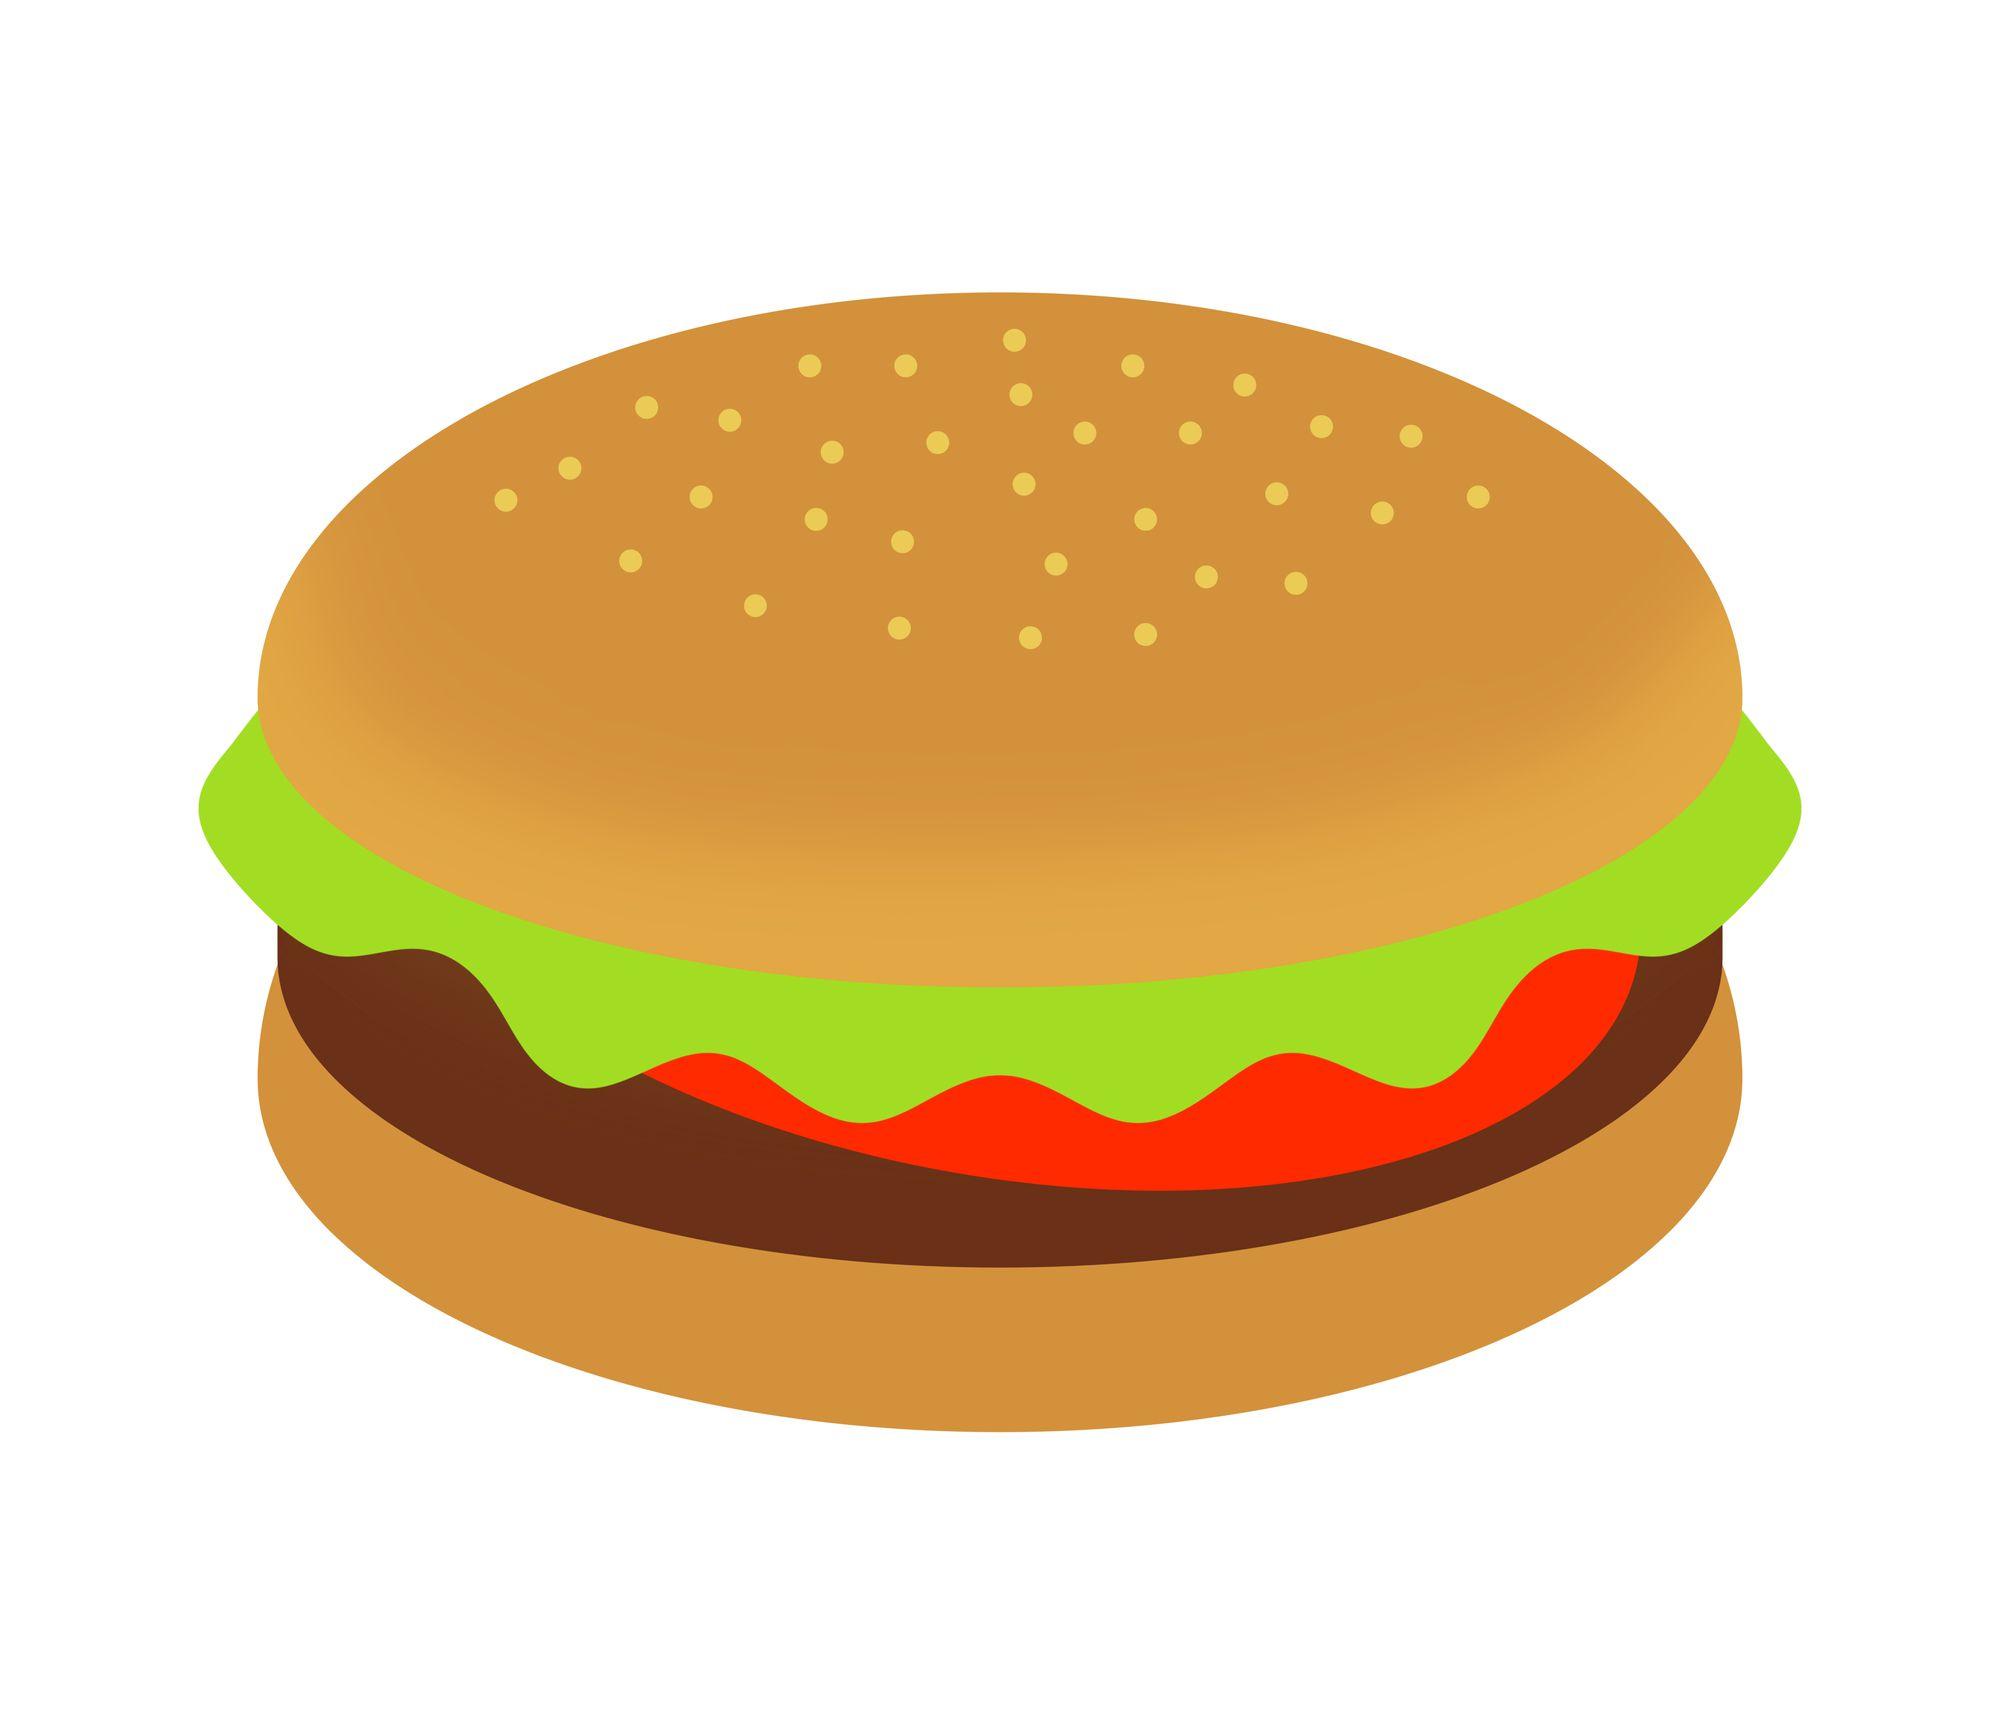 出来立ての美味しいハンバーガーを食べる方法